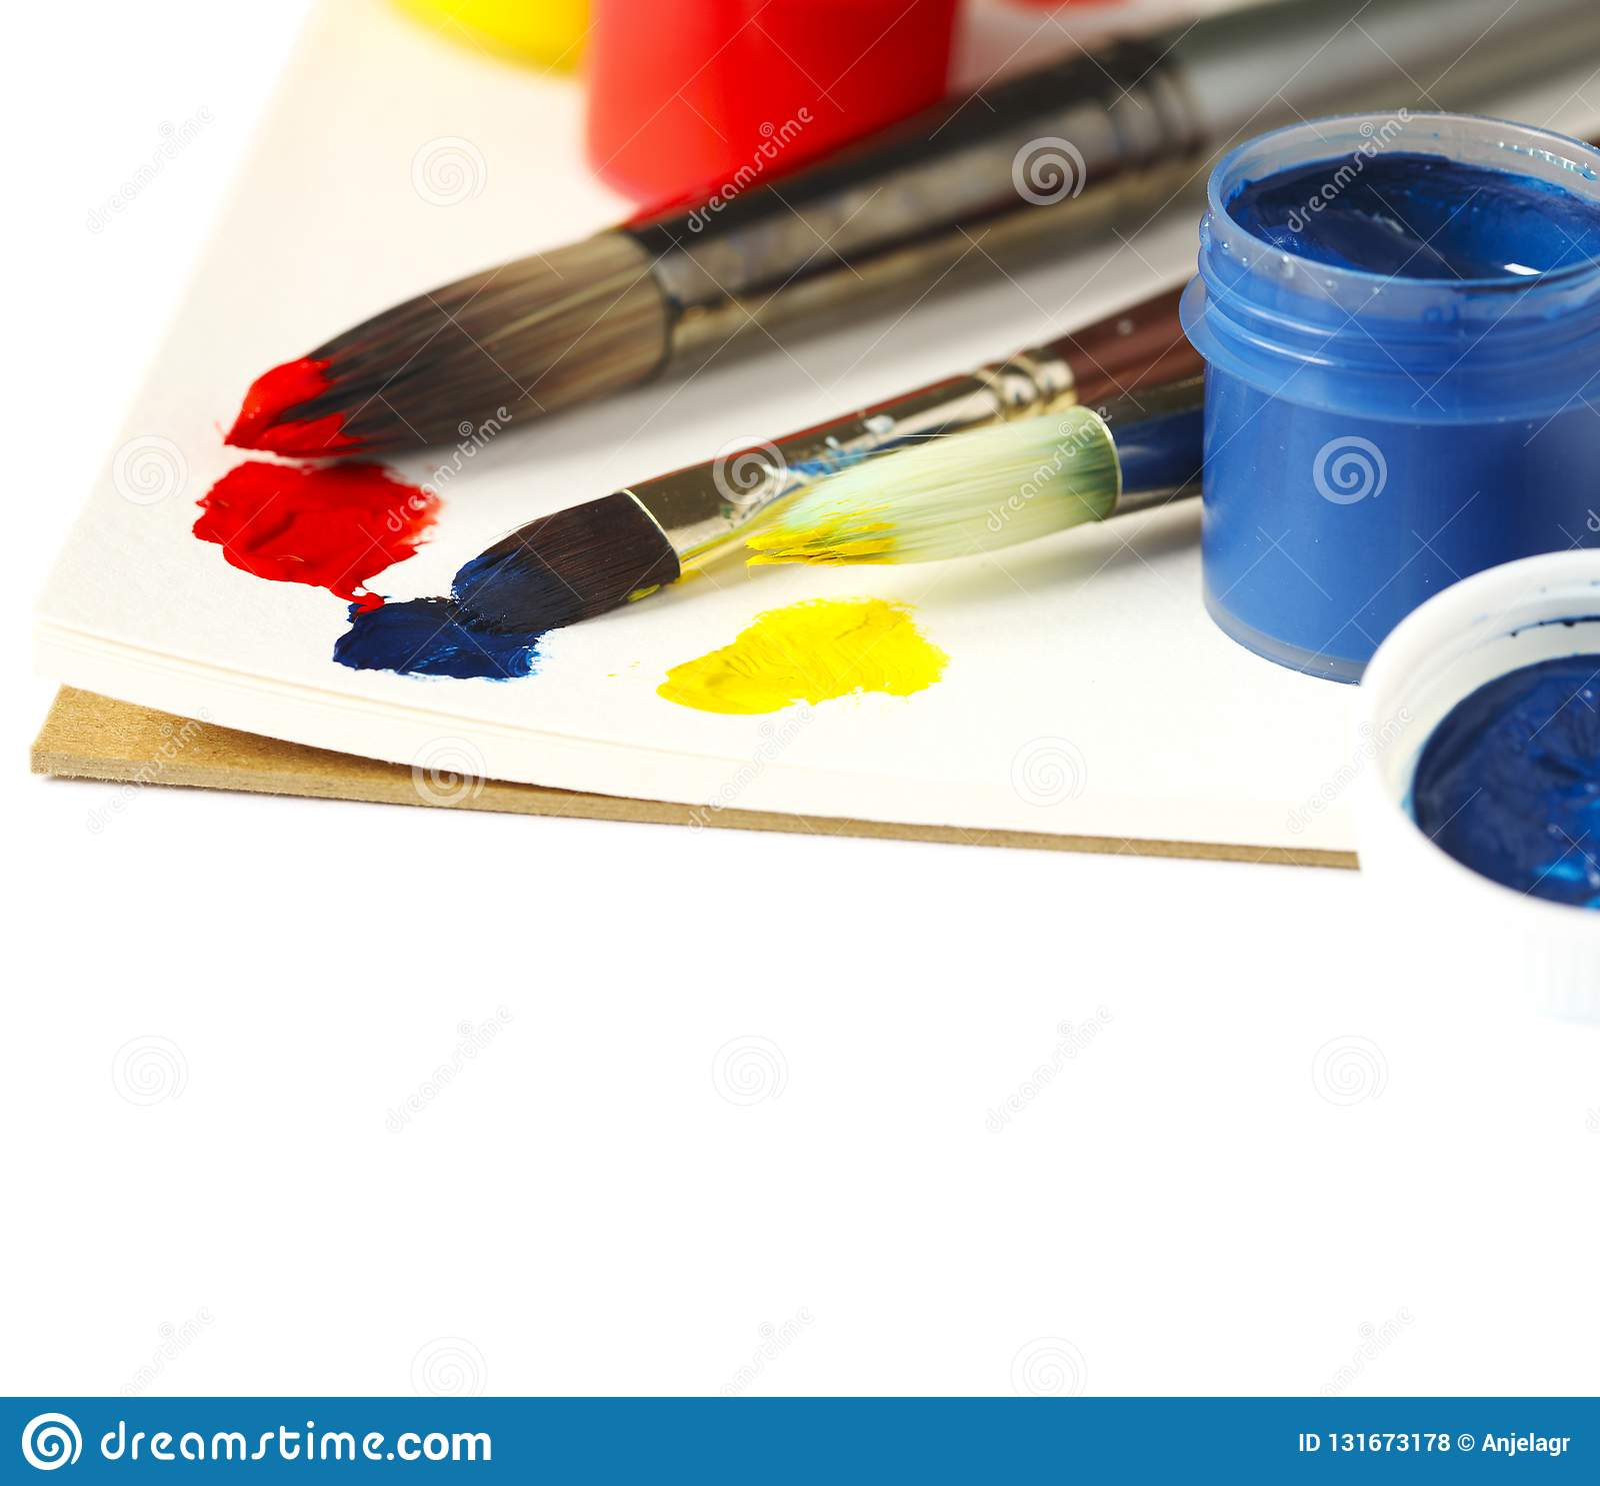 Pinturas e escovas Fundo da arte e do ofício